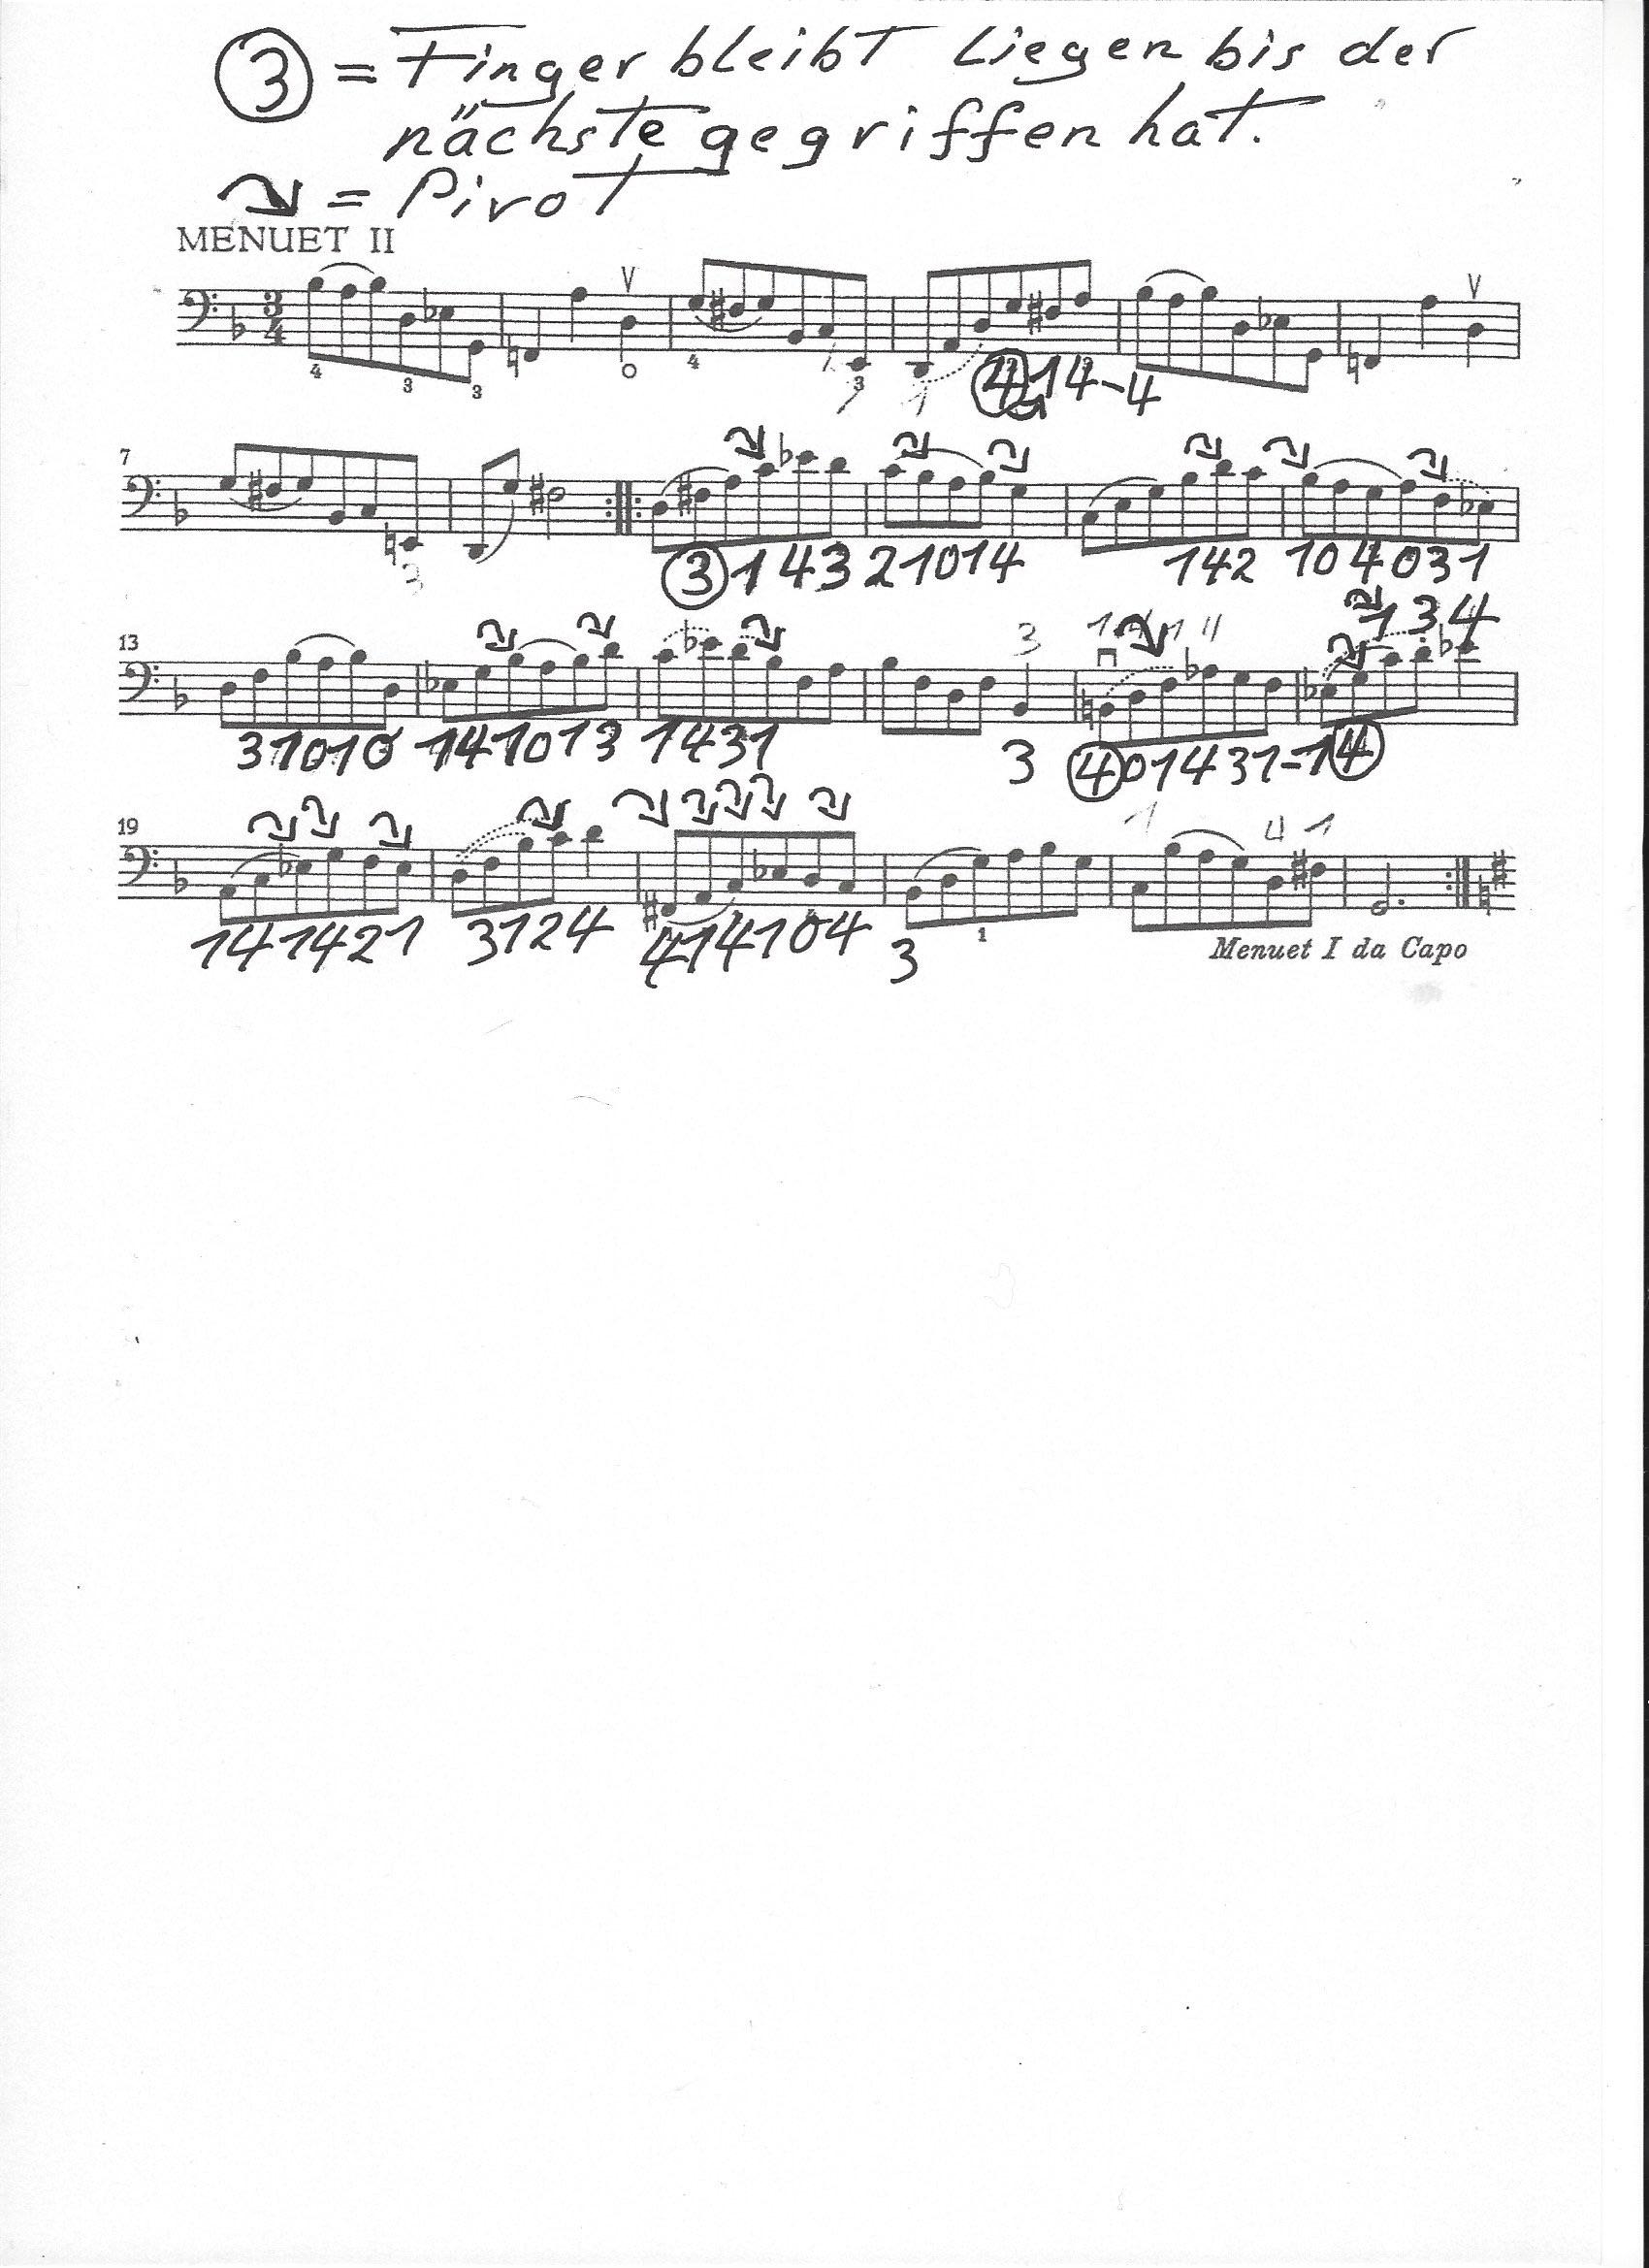 Bach - Menuett II